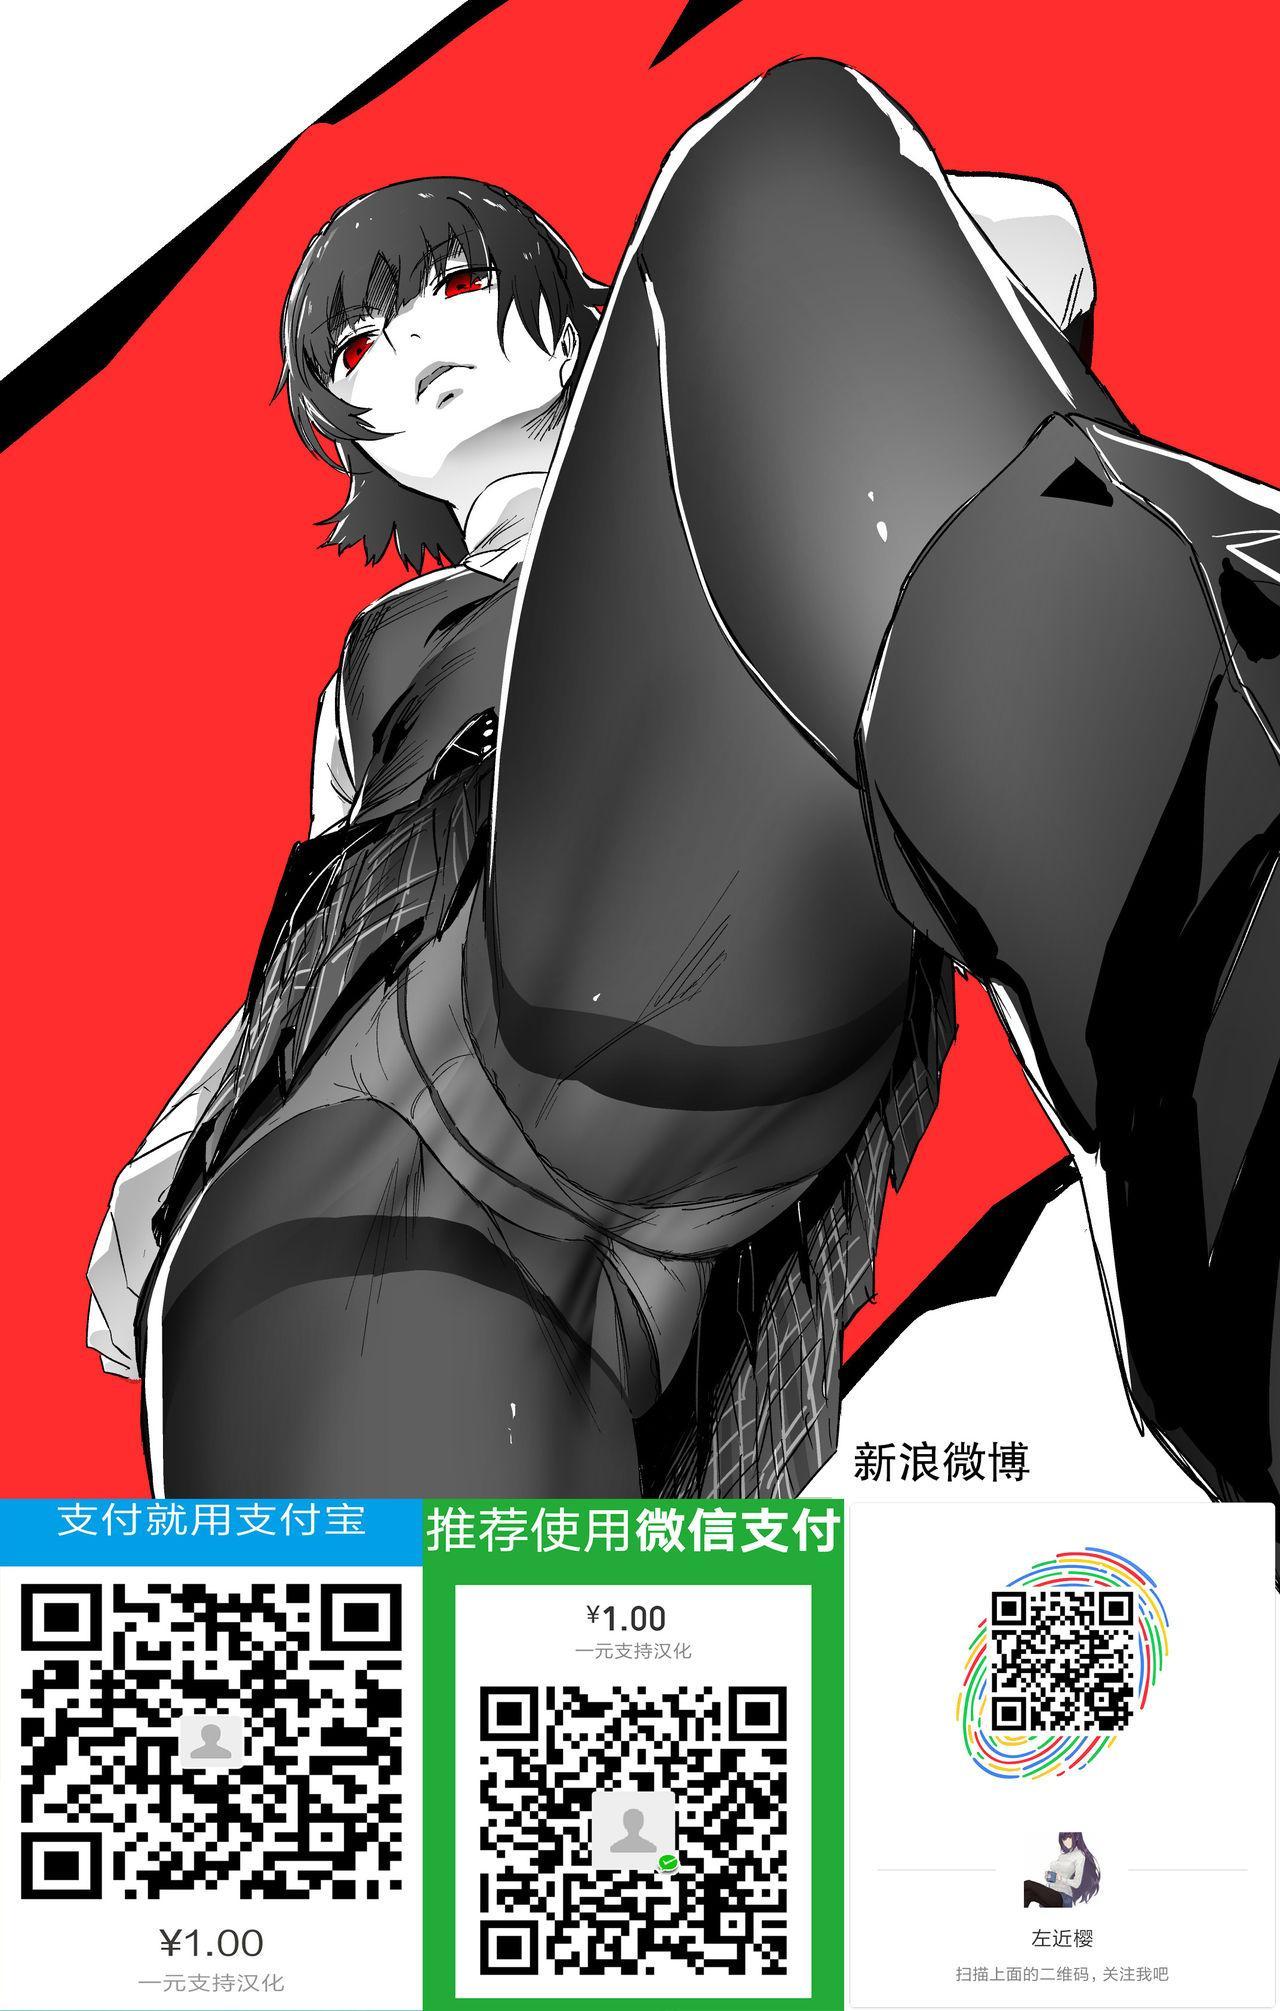 Okiniiri no Servant to Ichaicha suru dake no Hon 16